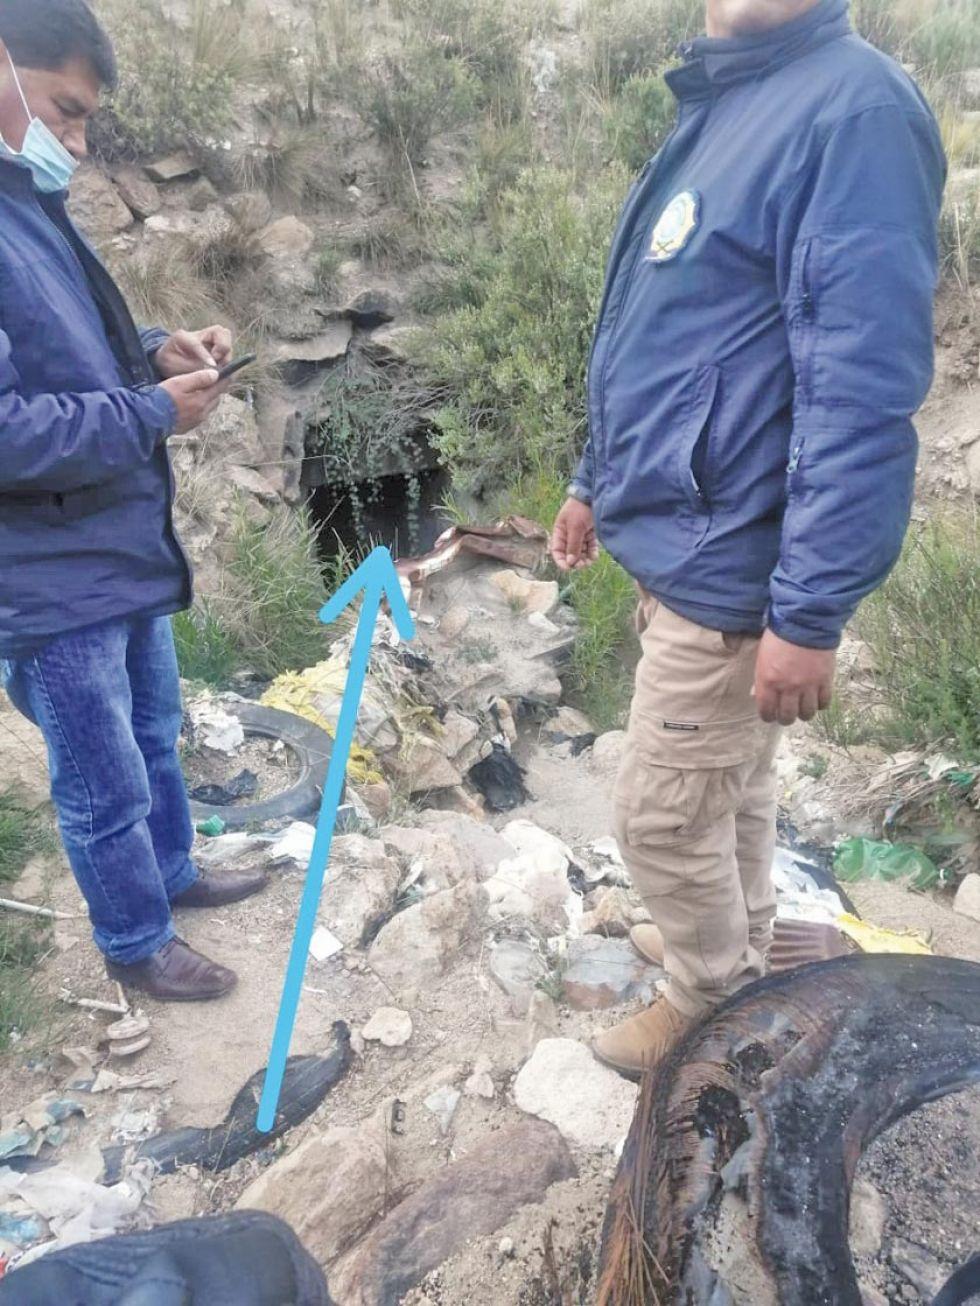 Aquí fueron encontrados los cadáveres.